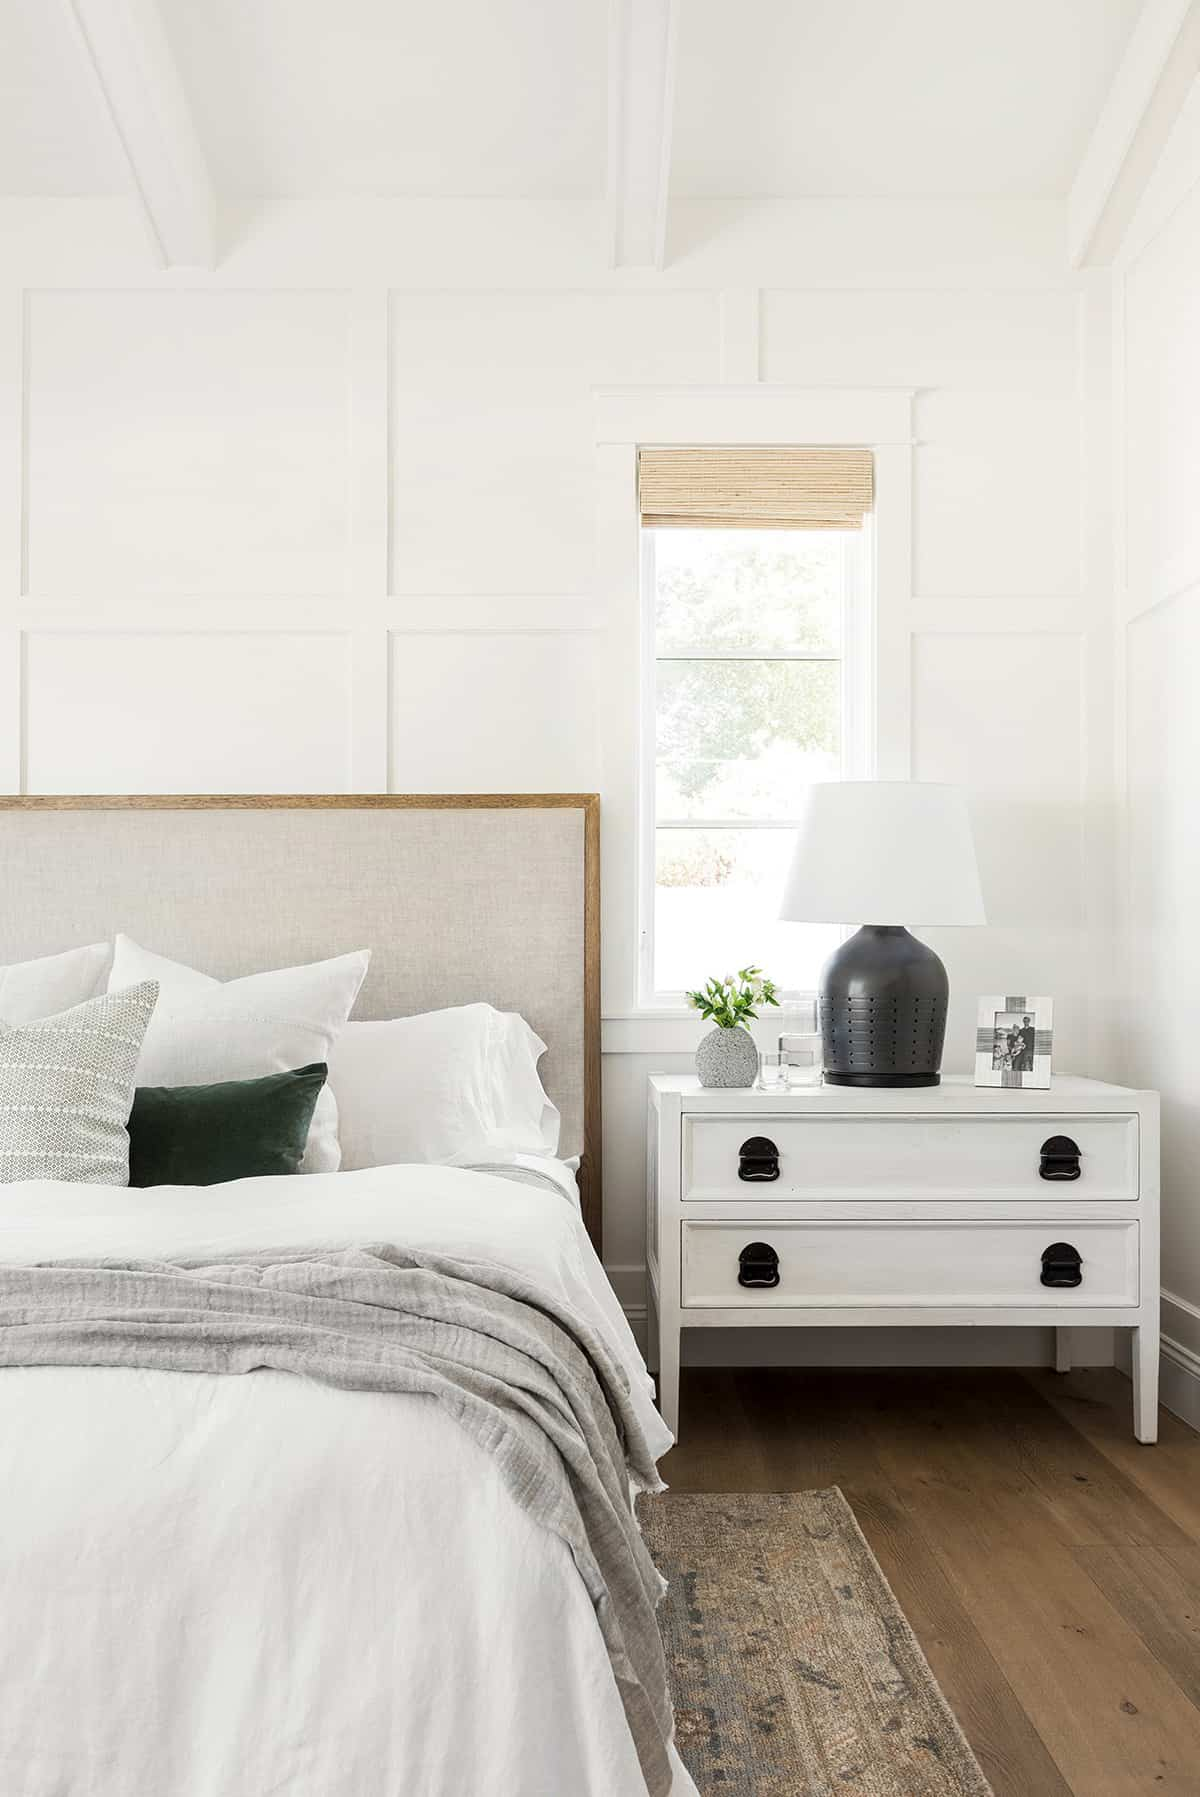 spavaća soba u stilu seoske kuće